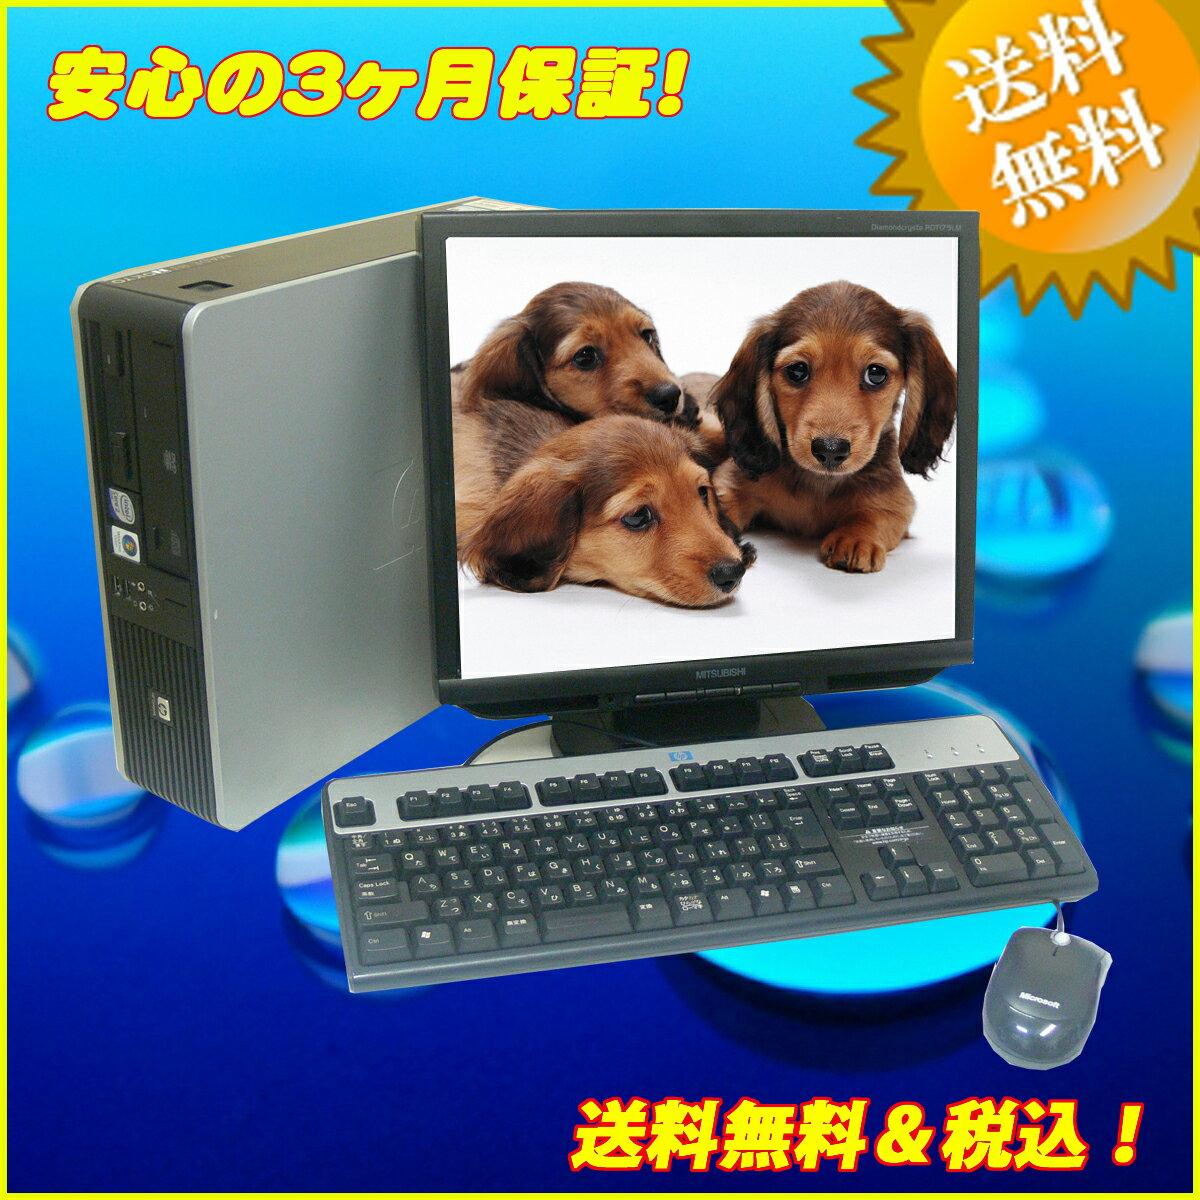 【HDD&メモリ↑済み】中古パソコン WindowsXP HP Compaq Business Desktop DC7800SF【中古】 Core2Duo E6550 17インチ液晶セット スーパーマルチ搭載☆【KingSoft Officeインストール済み】☆【中古パソコン】◎